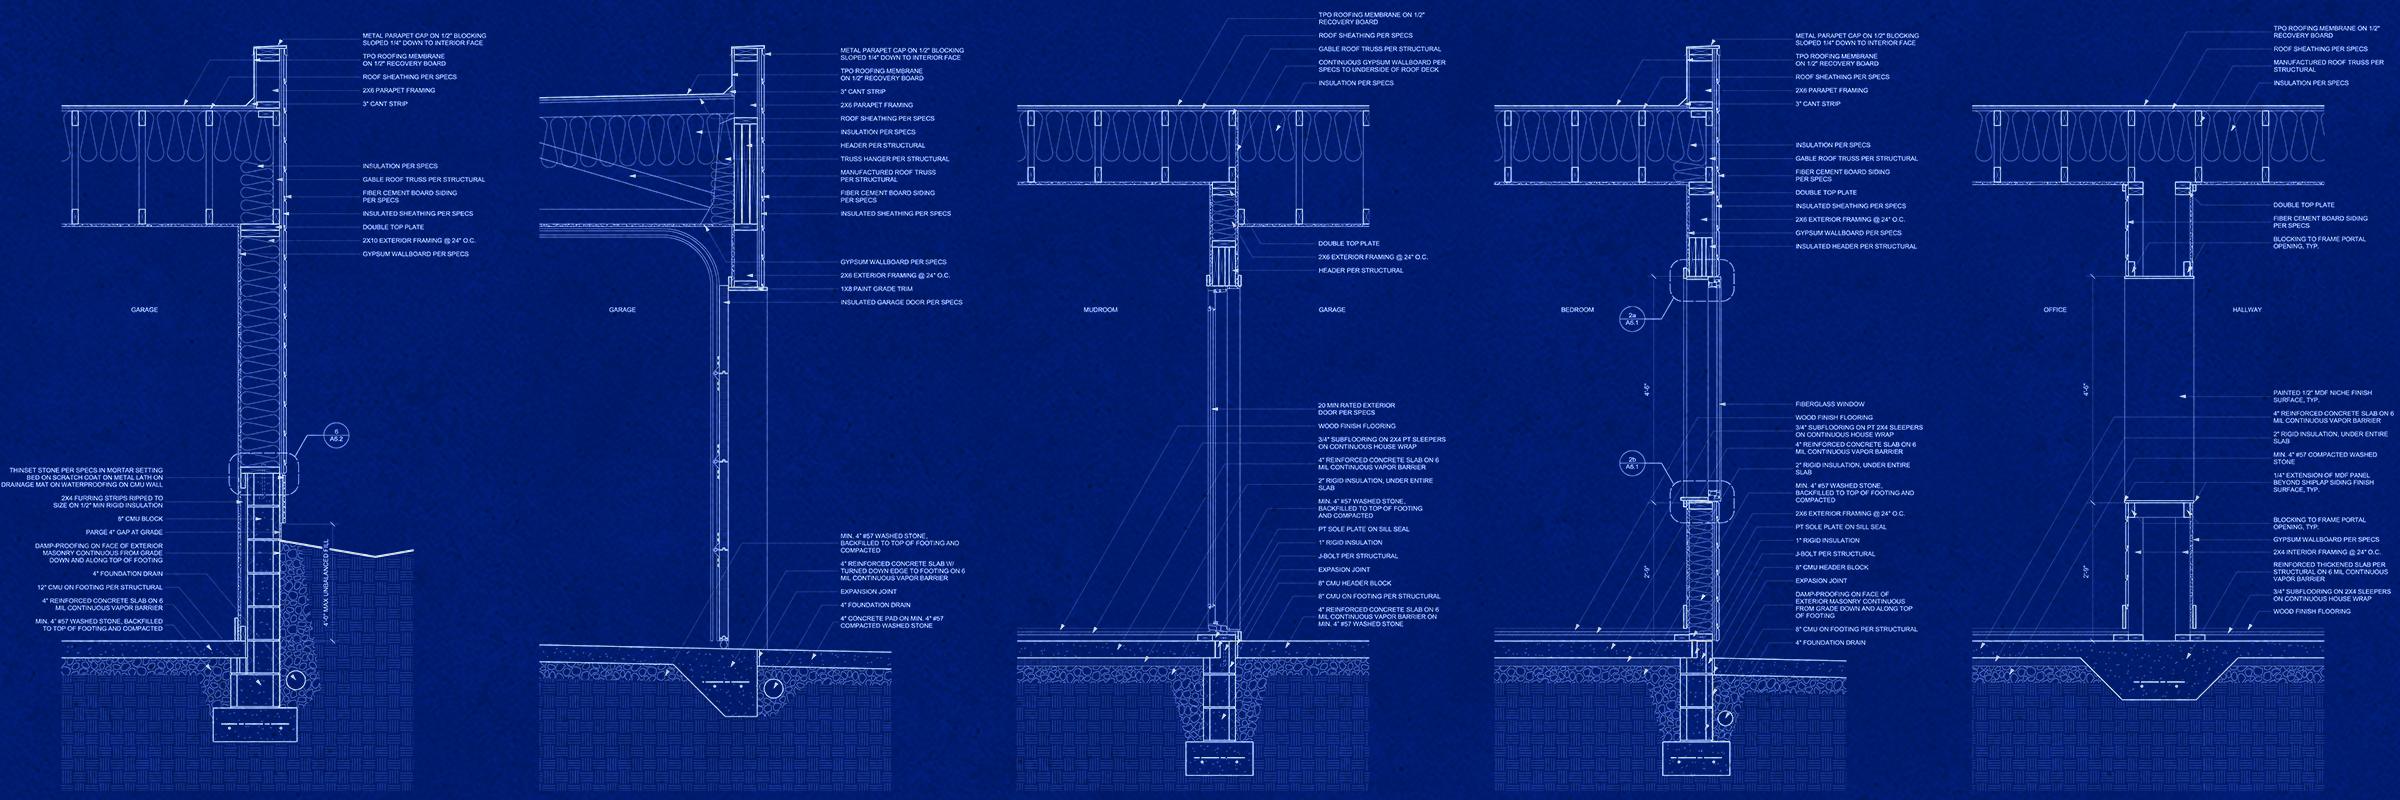 Feierstein20 Plan 21 02 03